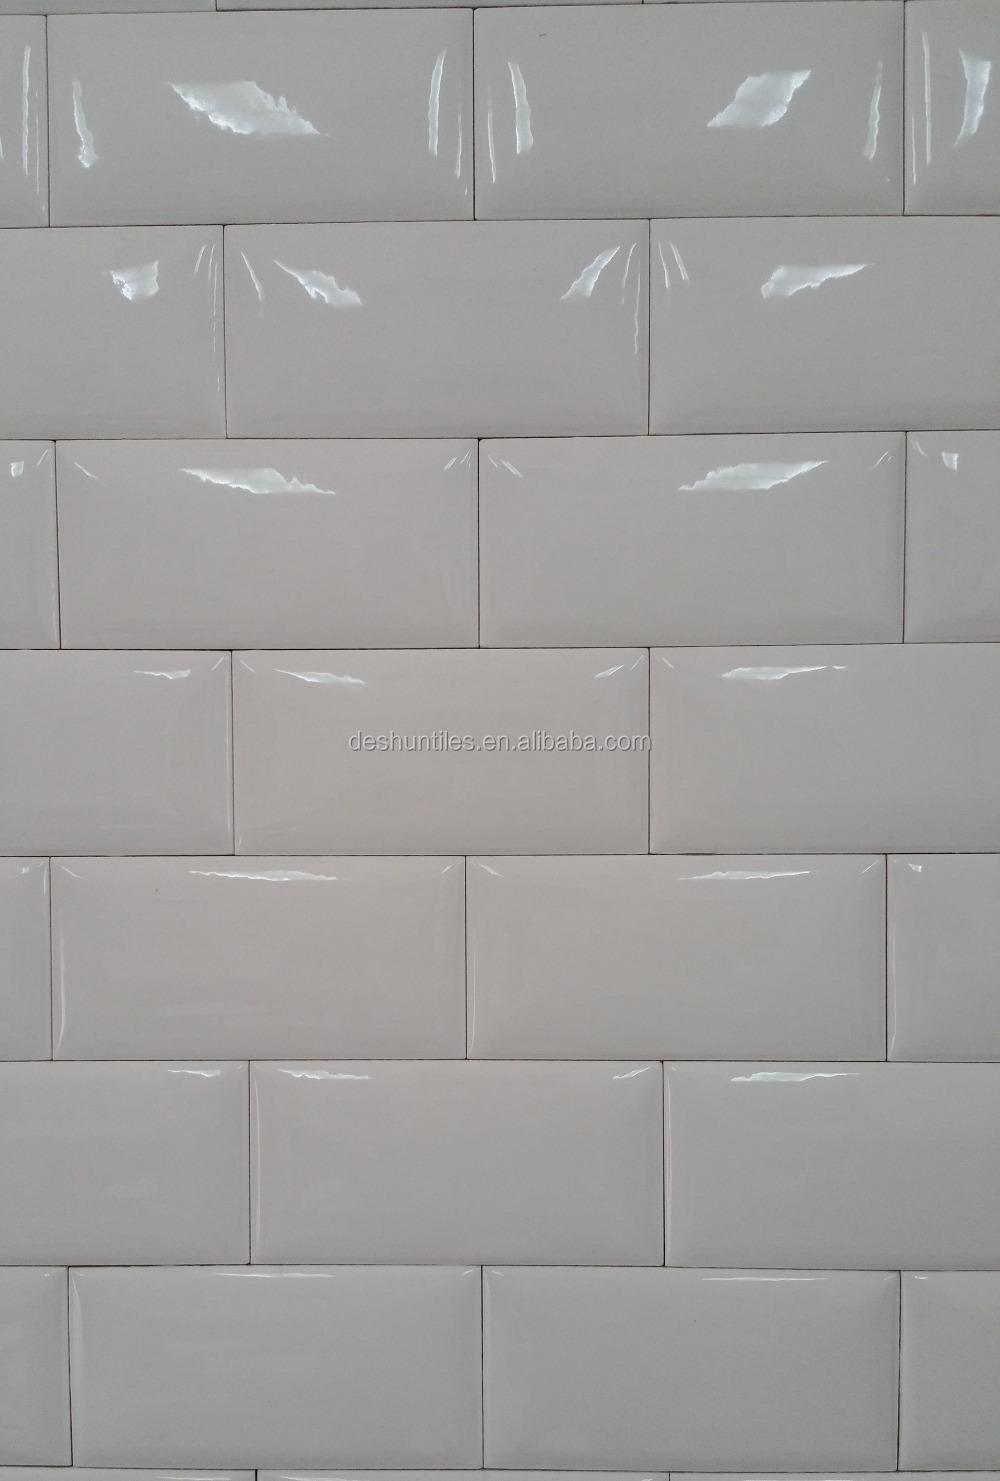 75x152mm bathroom wall decorative subway bathroom tile for Decorative wall tiles for bathroom